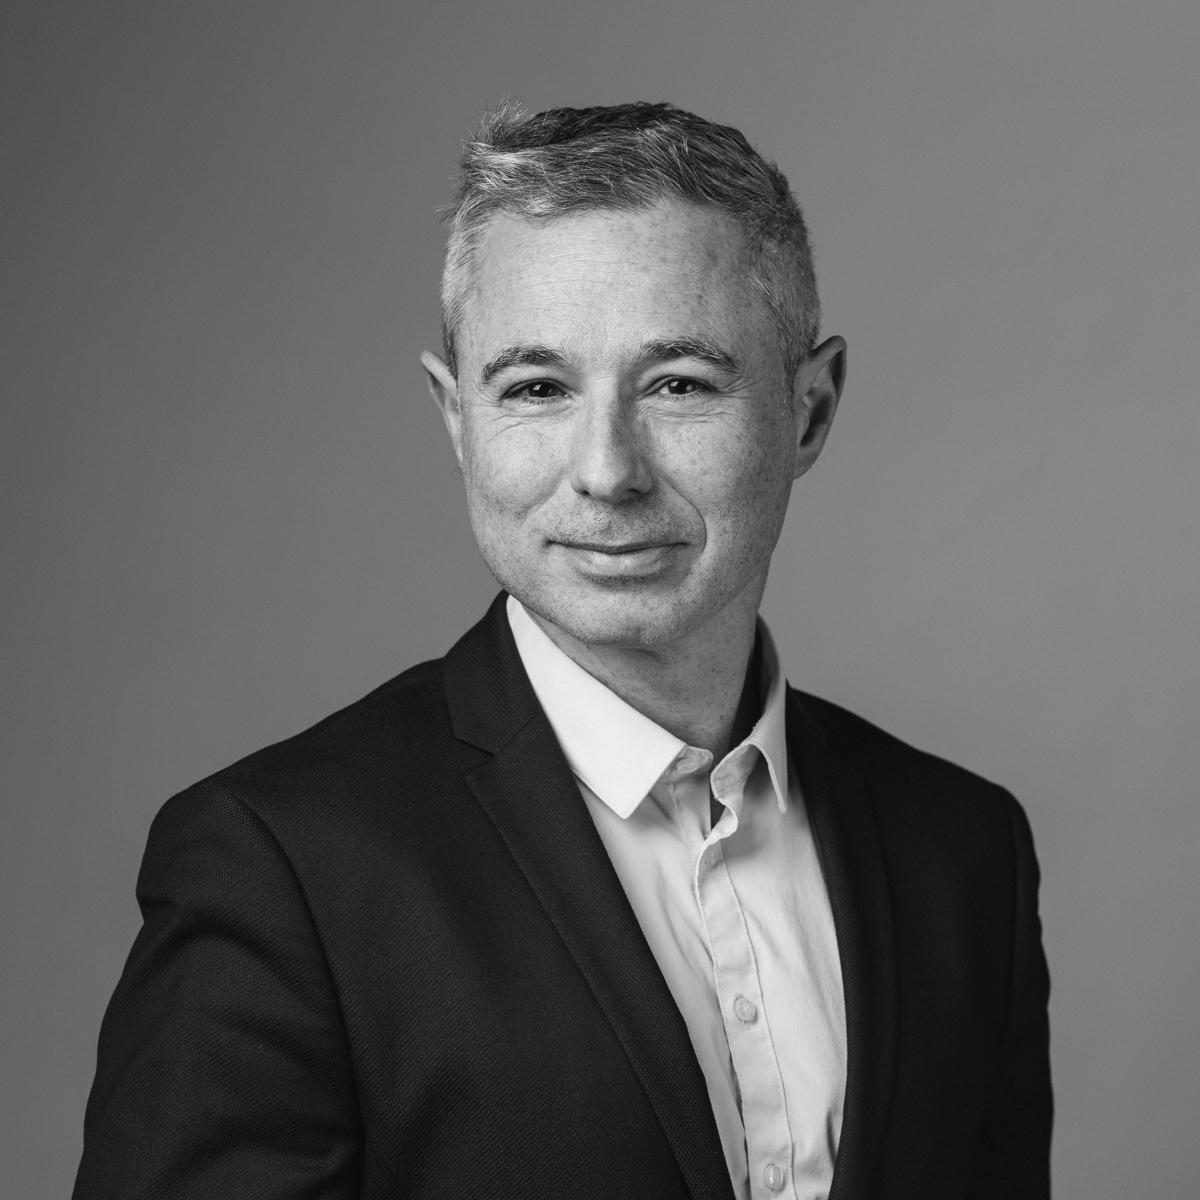 David Messager